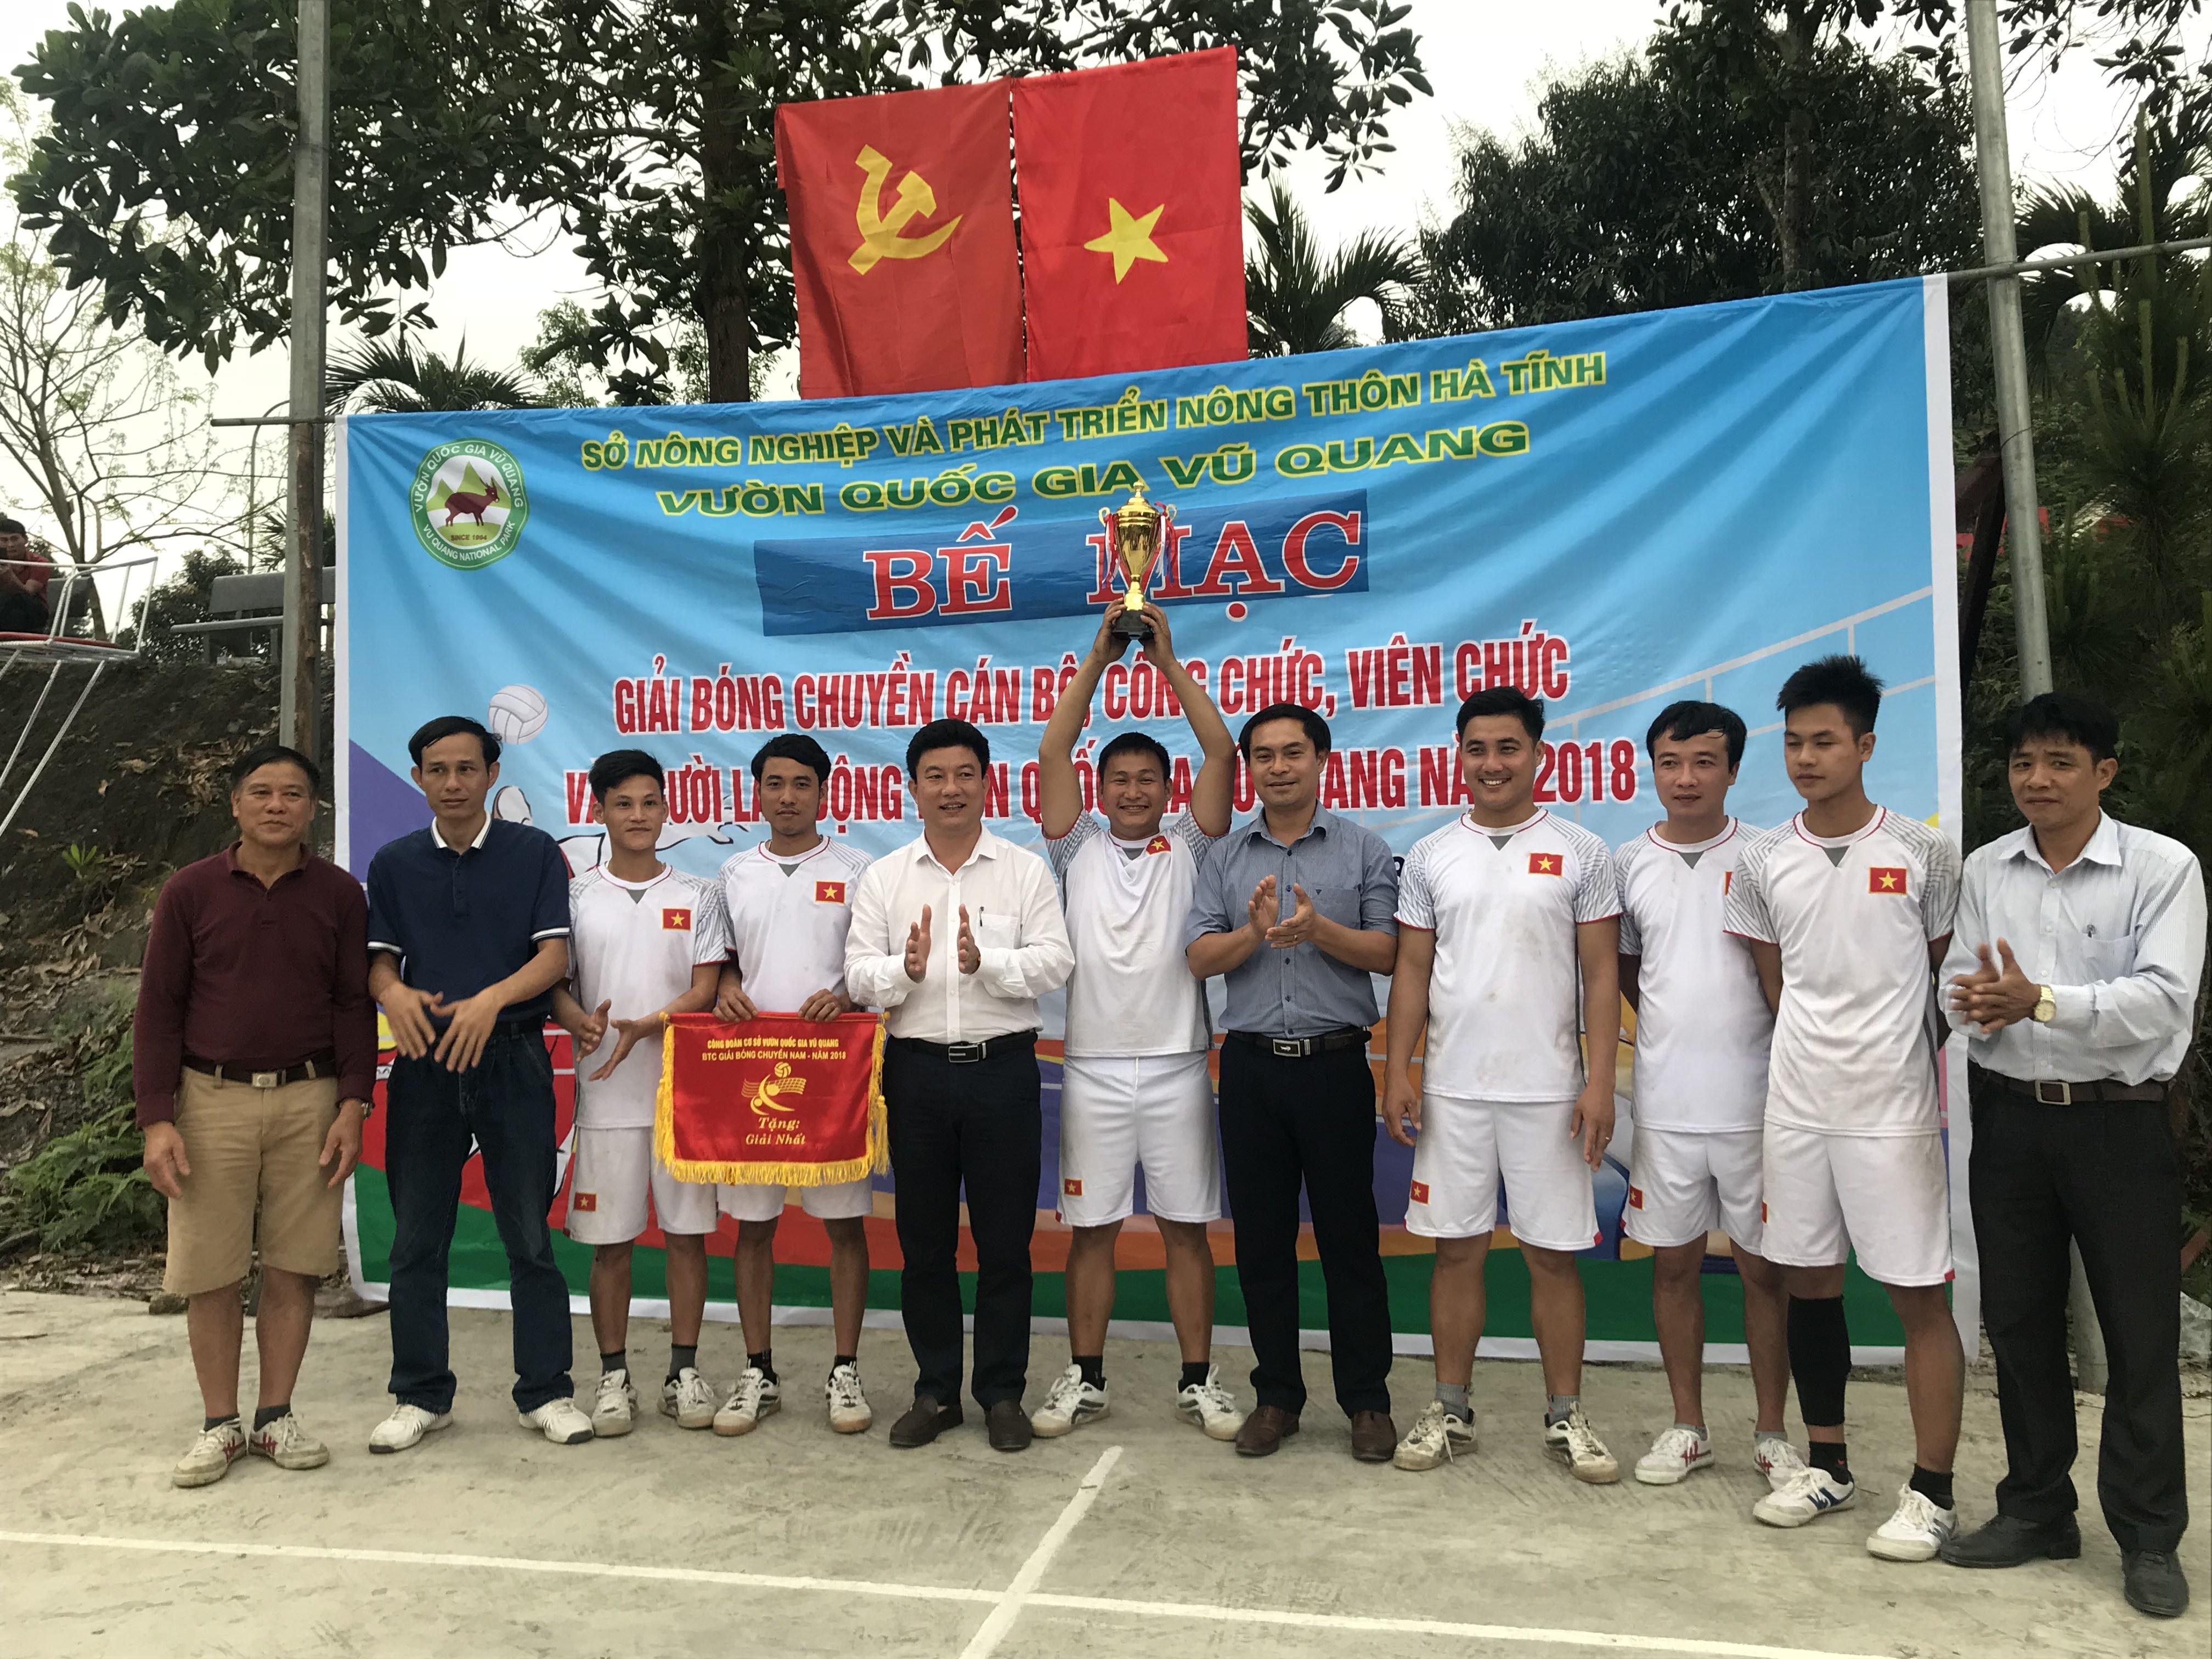 Vườn Quốc gia Vũ Quang tổ chức thành công Giải bóng chuyền đầu xuân